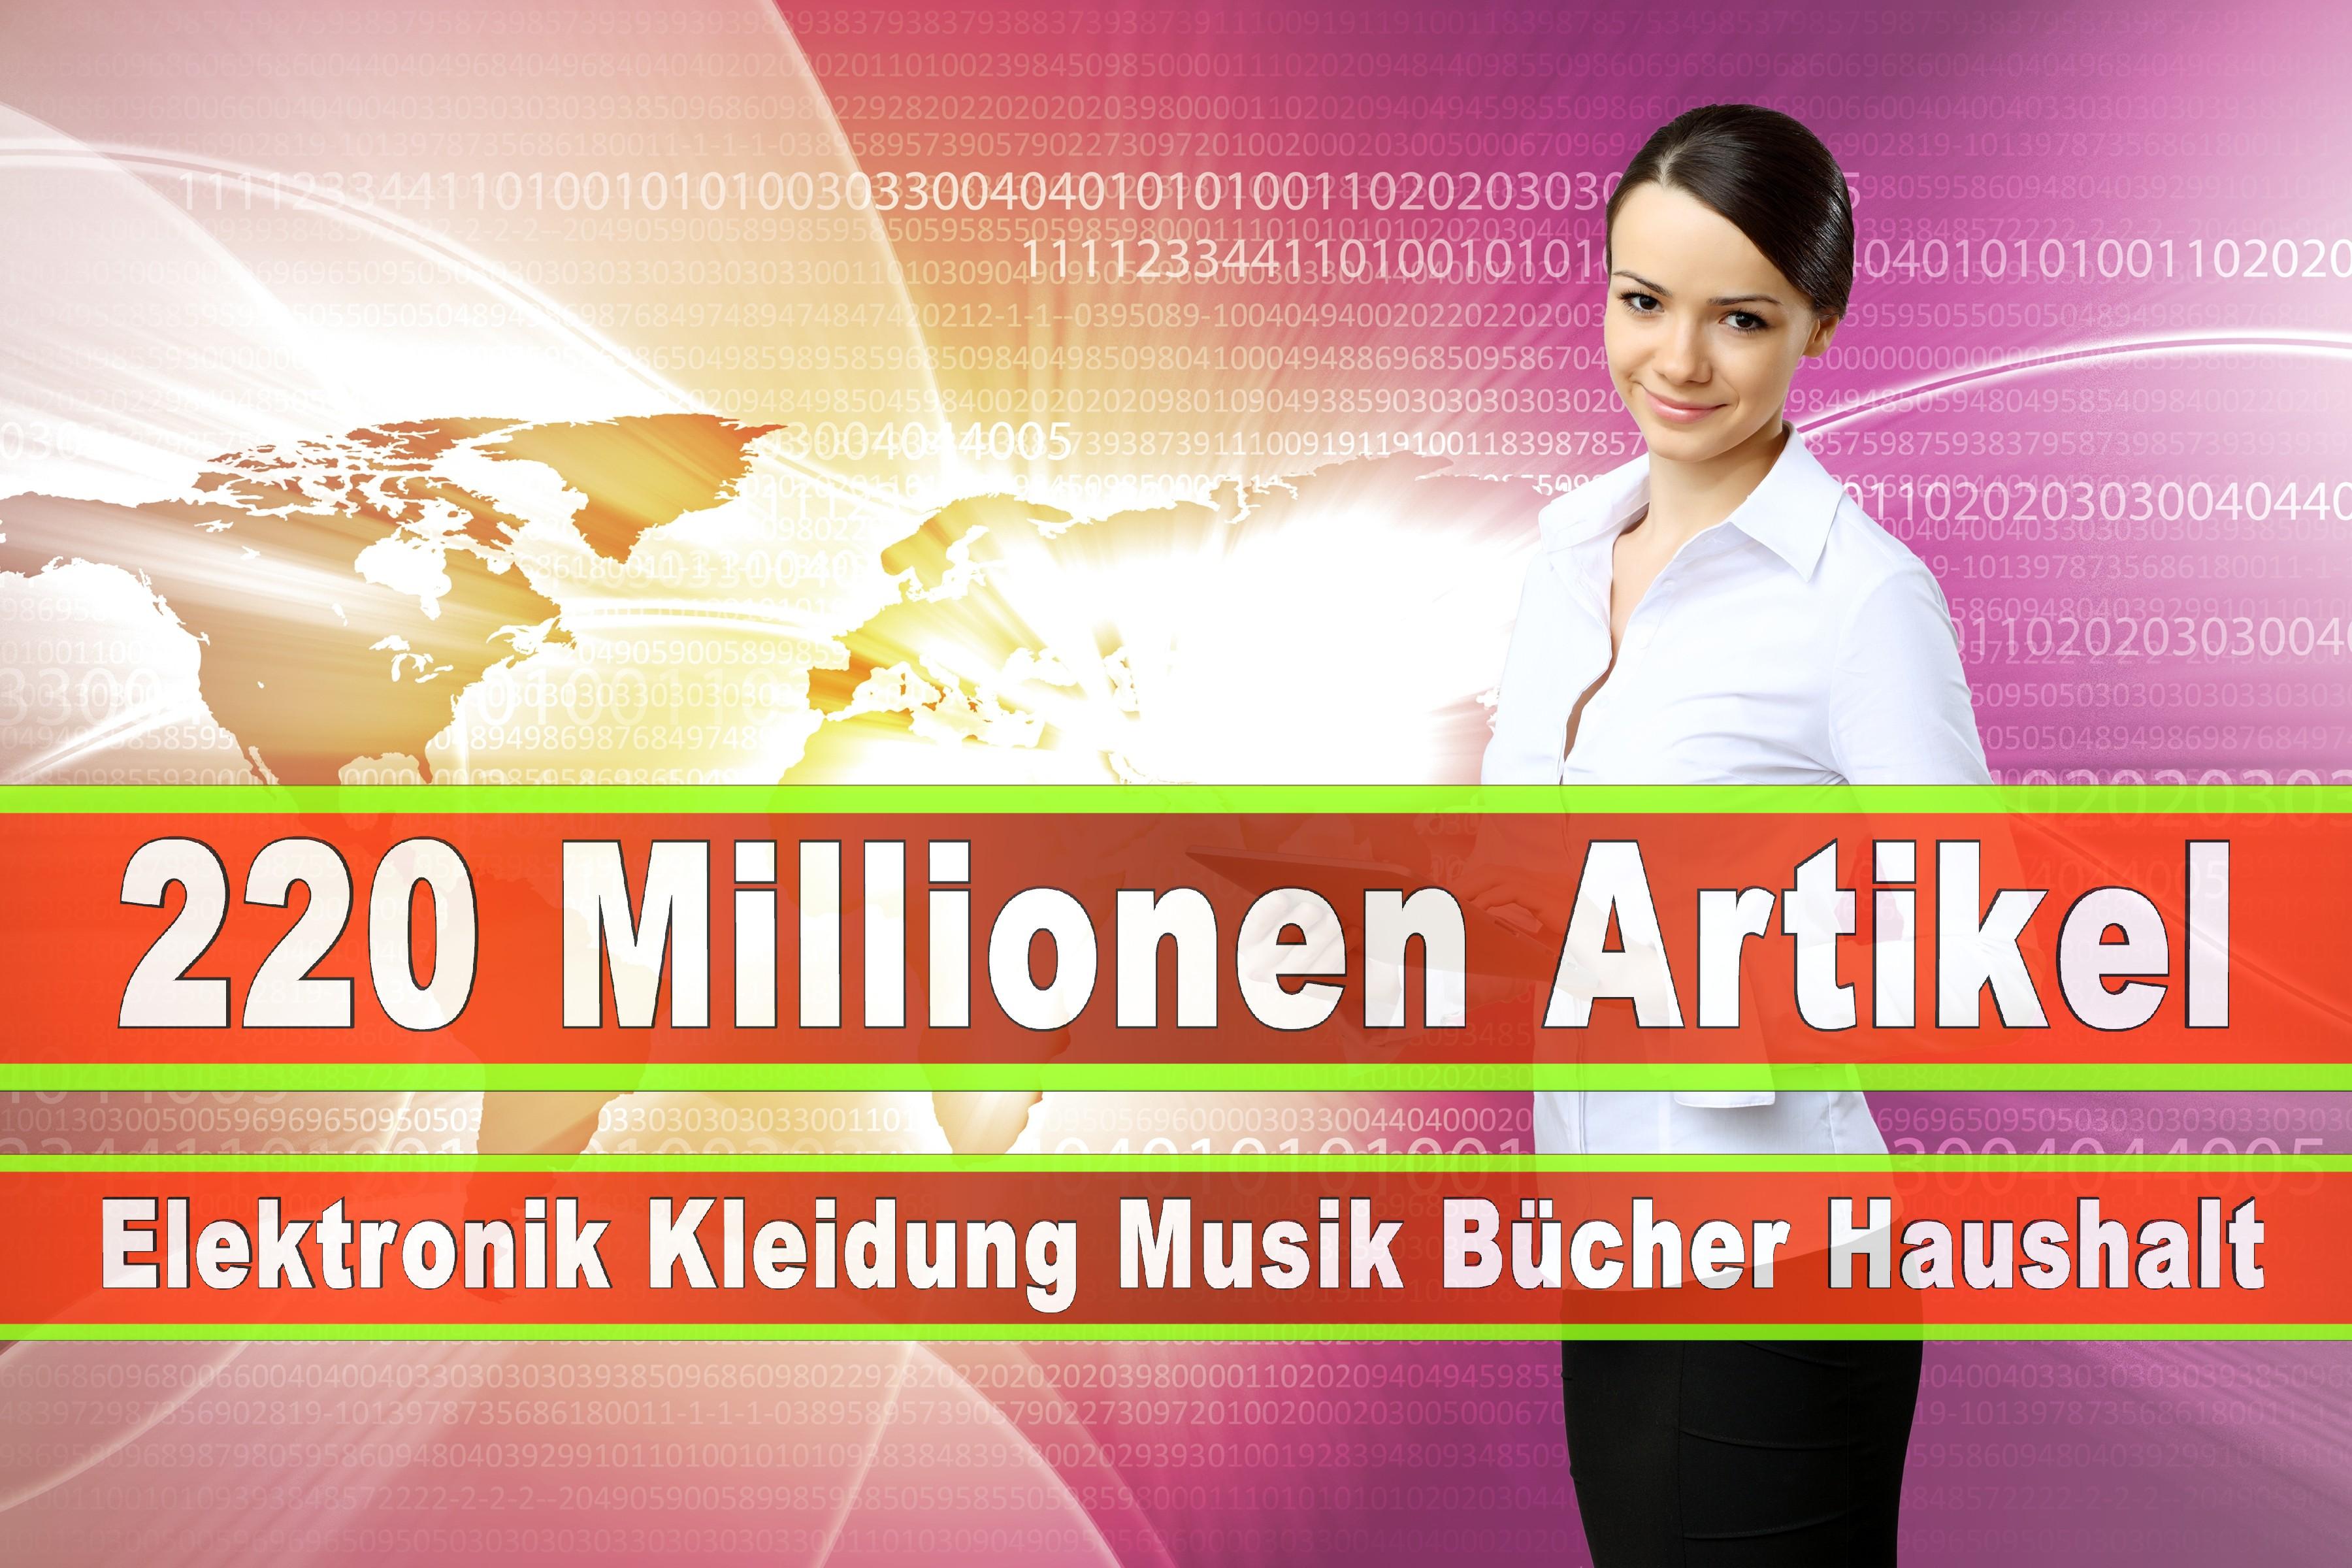 Amazon Elektronik Musik Haushalt Bücher CD DVD Handys Smartphones TV Television Fernseher Kleidung Mode Ebay Versandhaus (94)